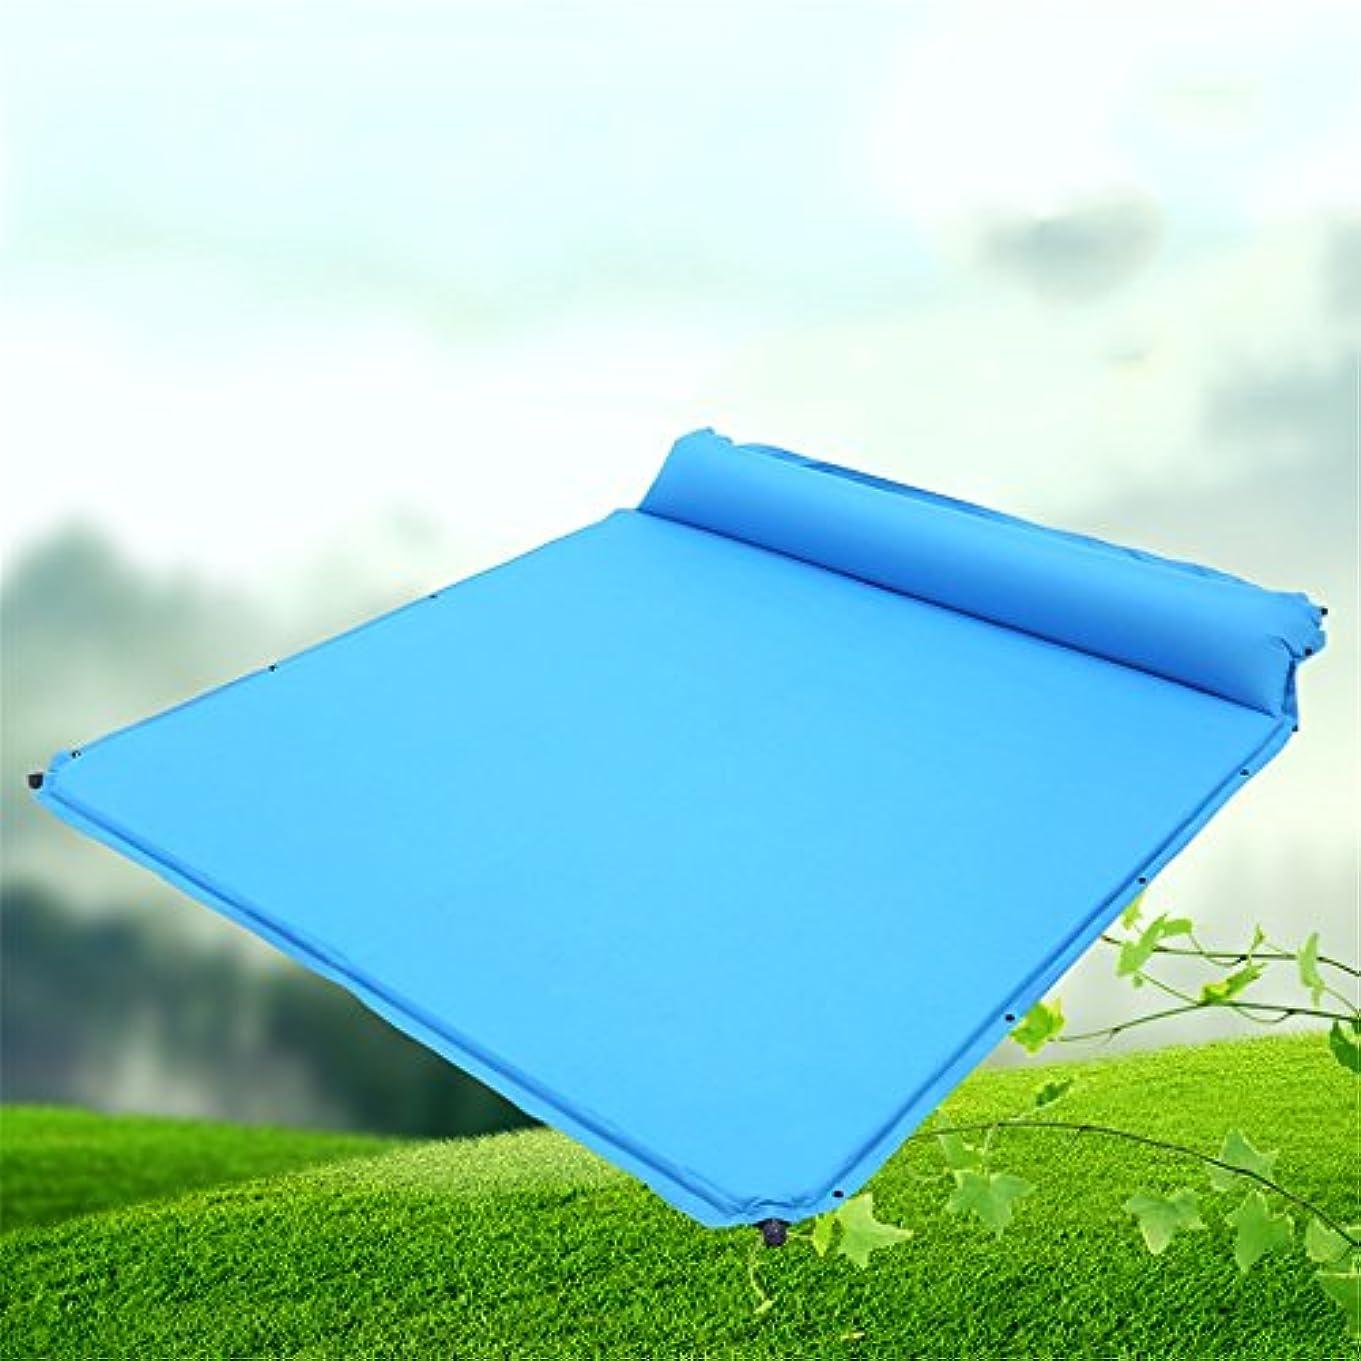 名門ガロン禁止屋外の二重自動膨脹可能なクッションの厚くなる広いキャンプテントの膨脹可能なクッション